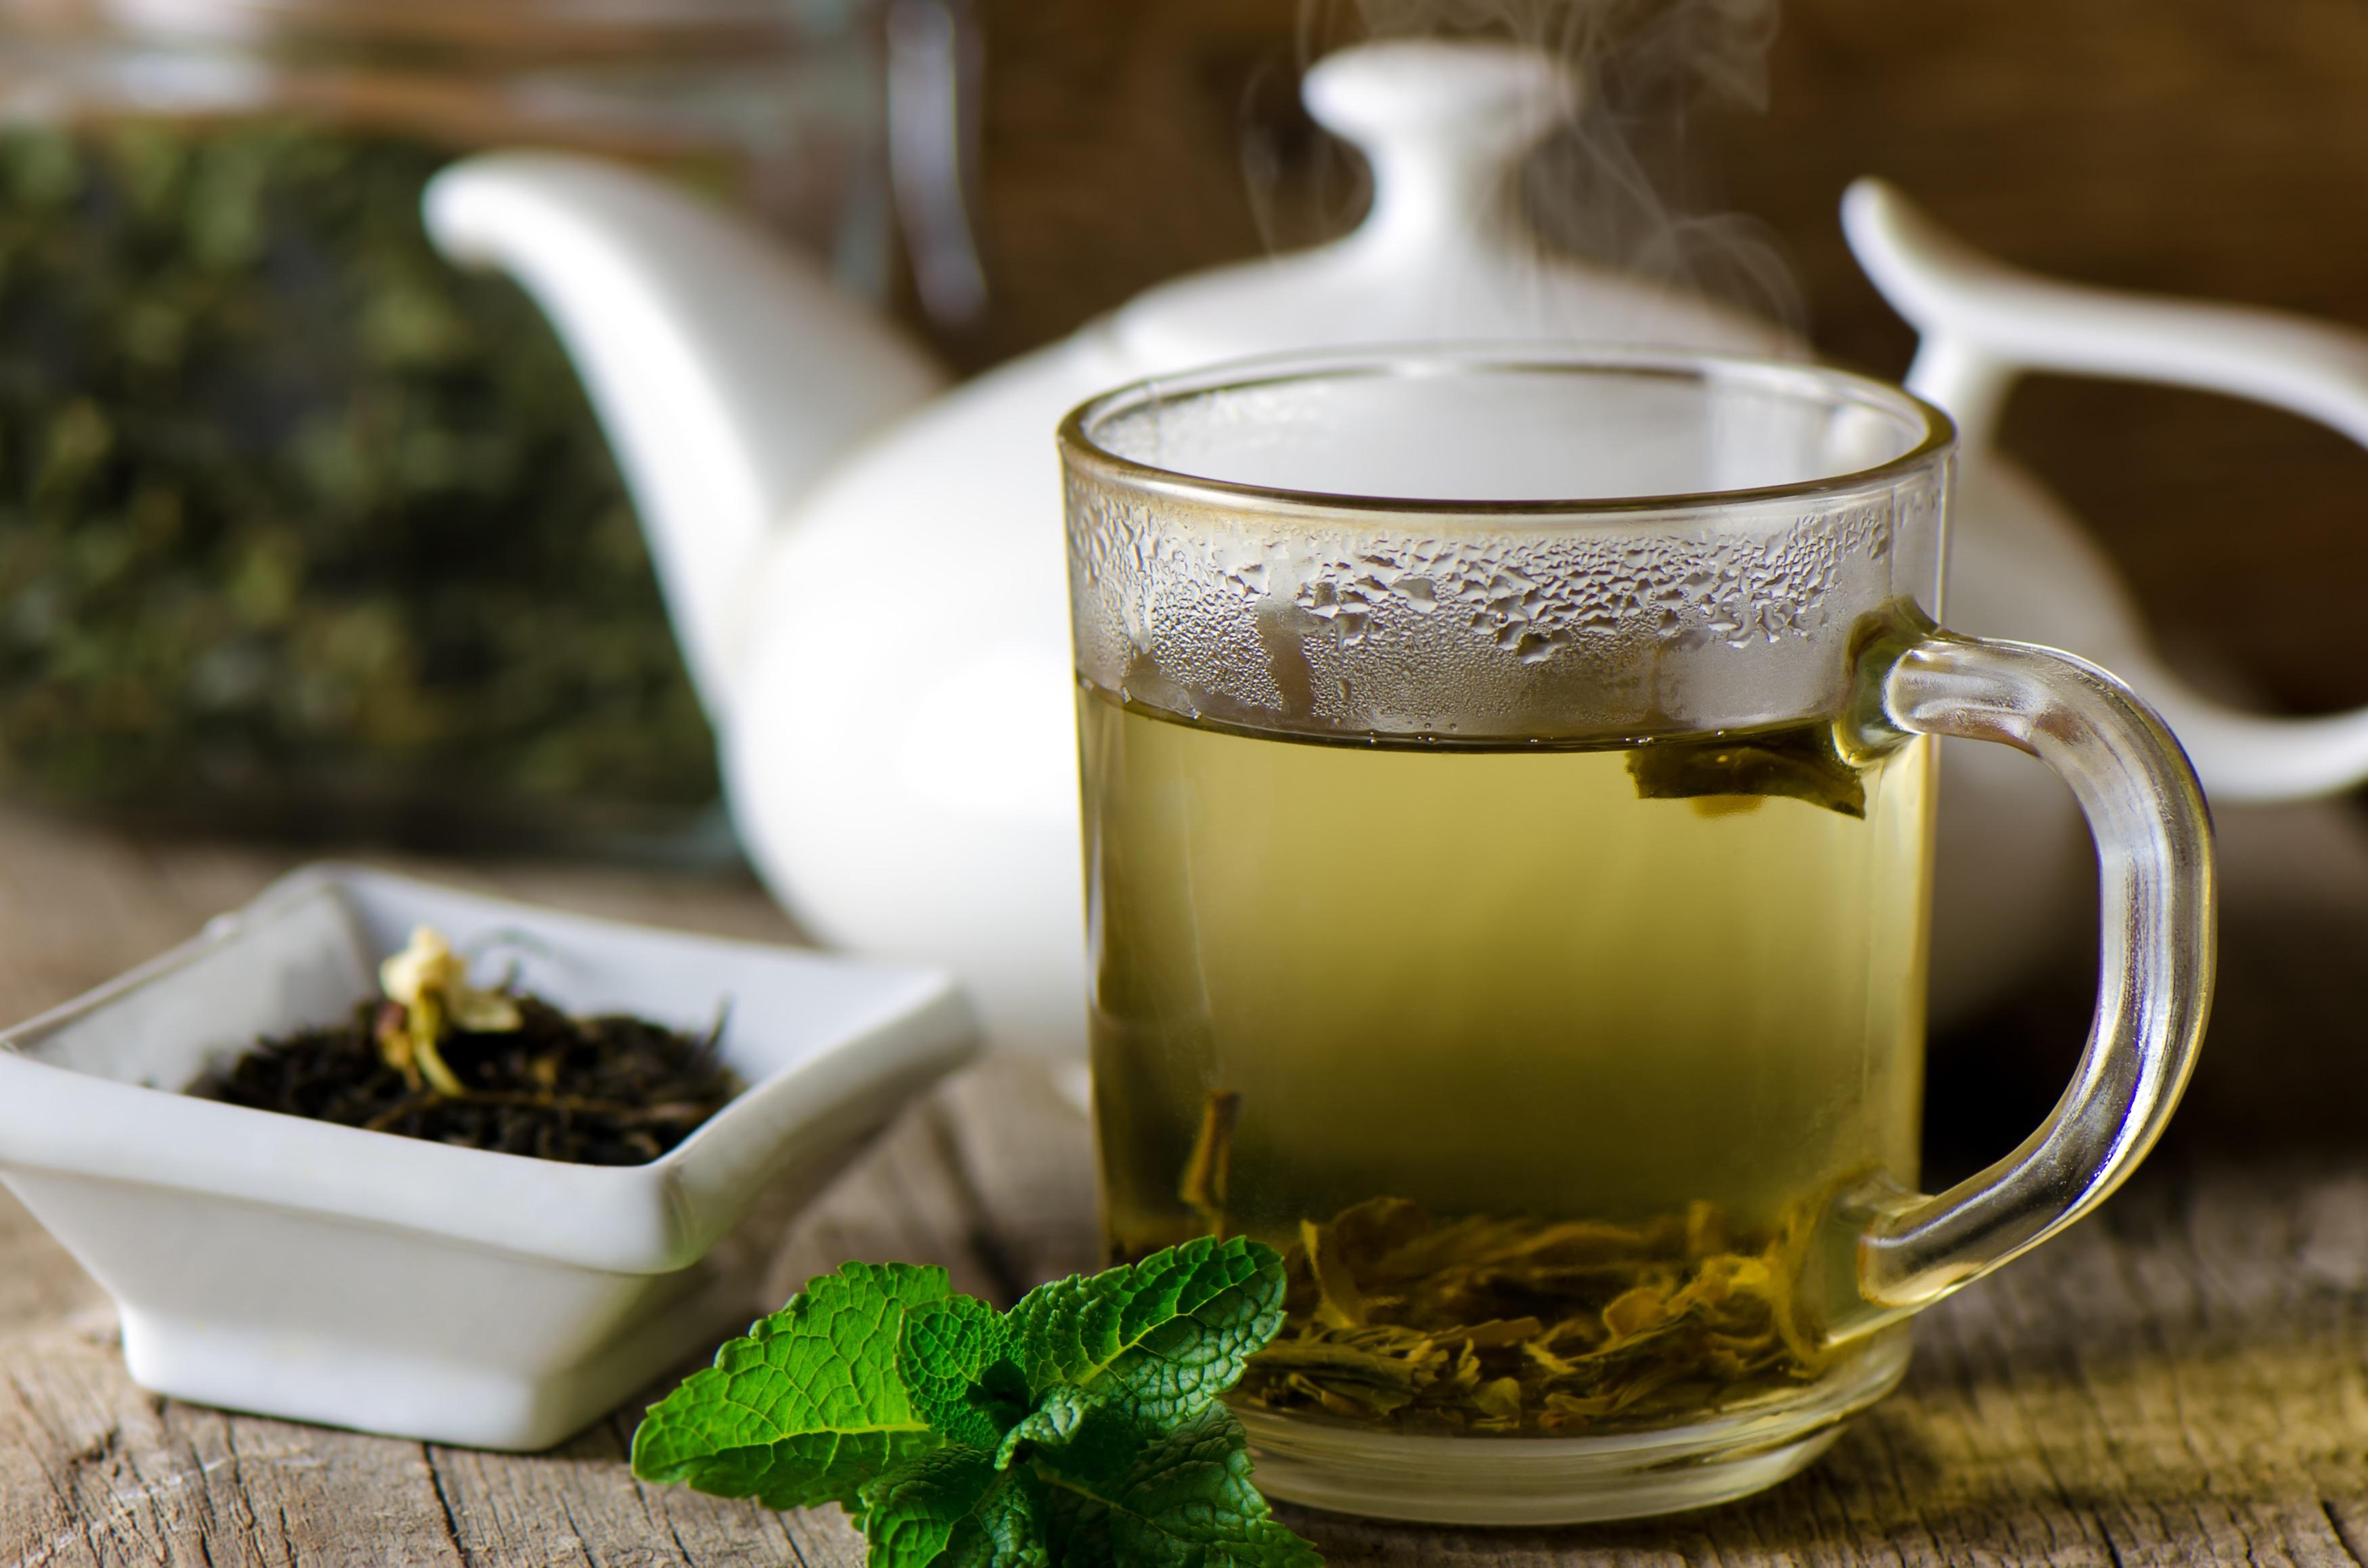 <p><strong>Може да предотврати заболяване от рак</strong></p>  <p>Проучванията показват, че зеленият чай може да предпази от рак на простатата и гърдата. Въпреки, че са необходими повече изследвания по тази тема проучване от 2018 г. отбелязва, че съединения на зеления чай в комбинация с други лечения, като &bdquo;химиотерапия, лъчетерапия, имунна терапия и молекулярно целенасочена терапия може да има известна клинична полза при пациенти с рак&rdquo;.</p>